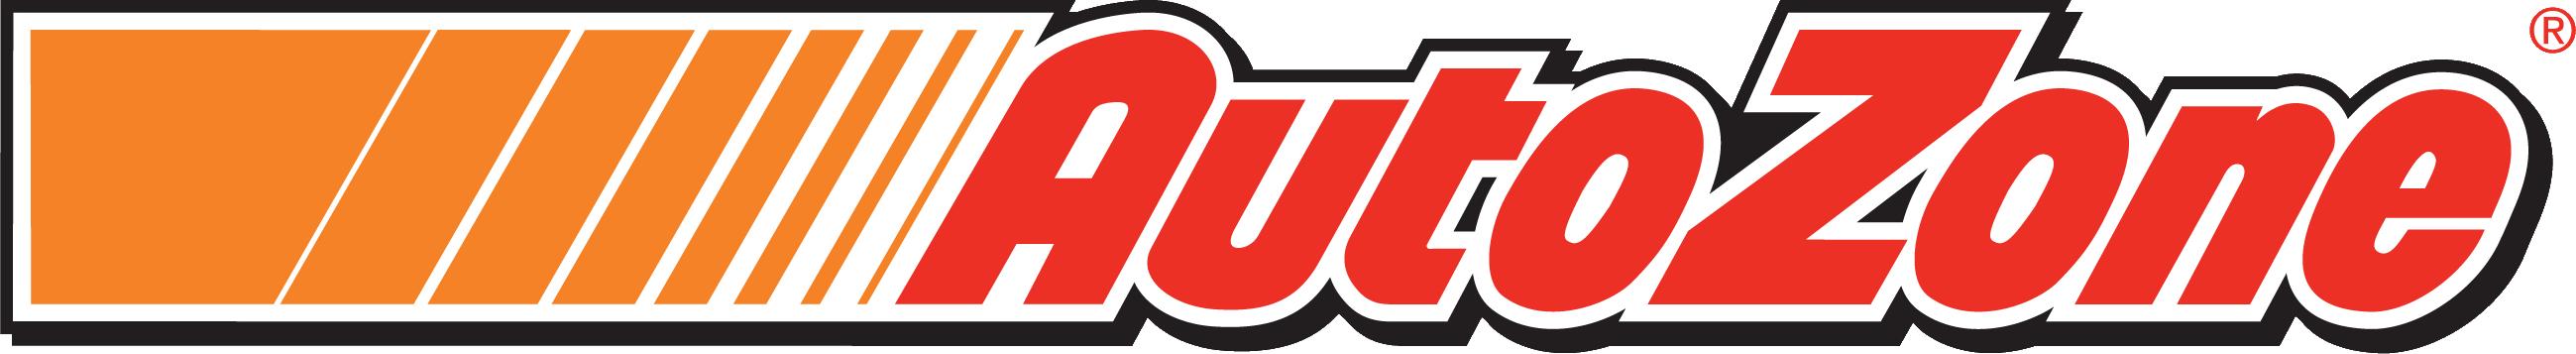 Autozone Wylie Tx Tech Company Logos Wylie Facts